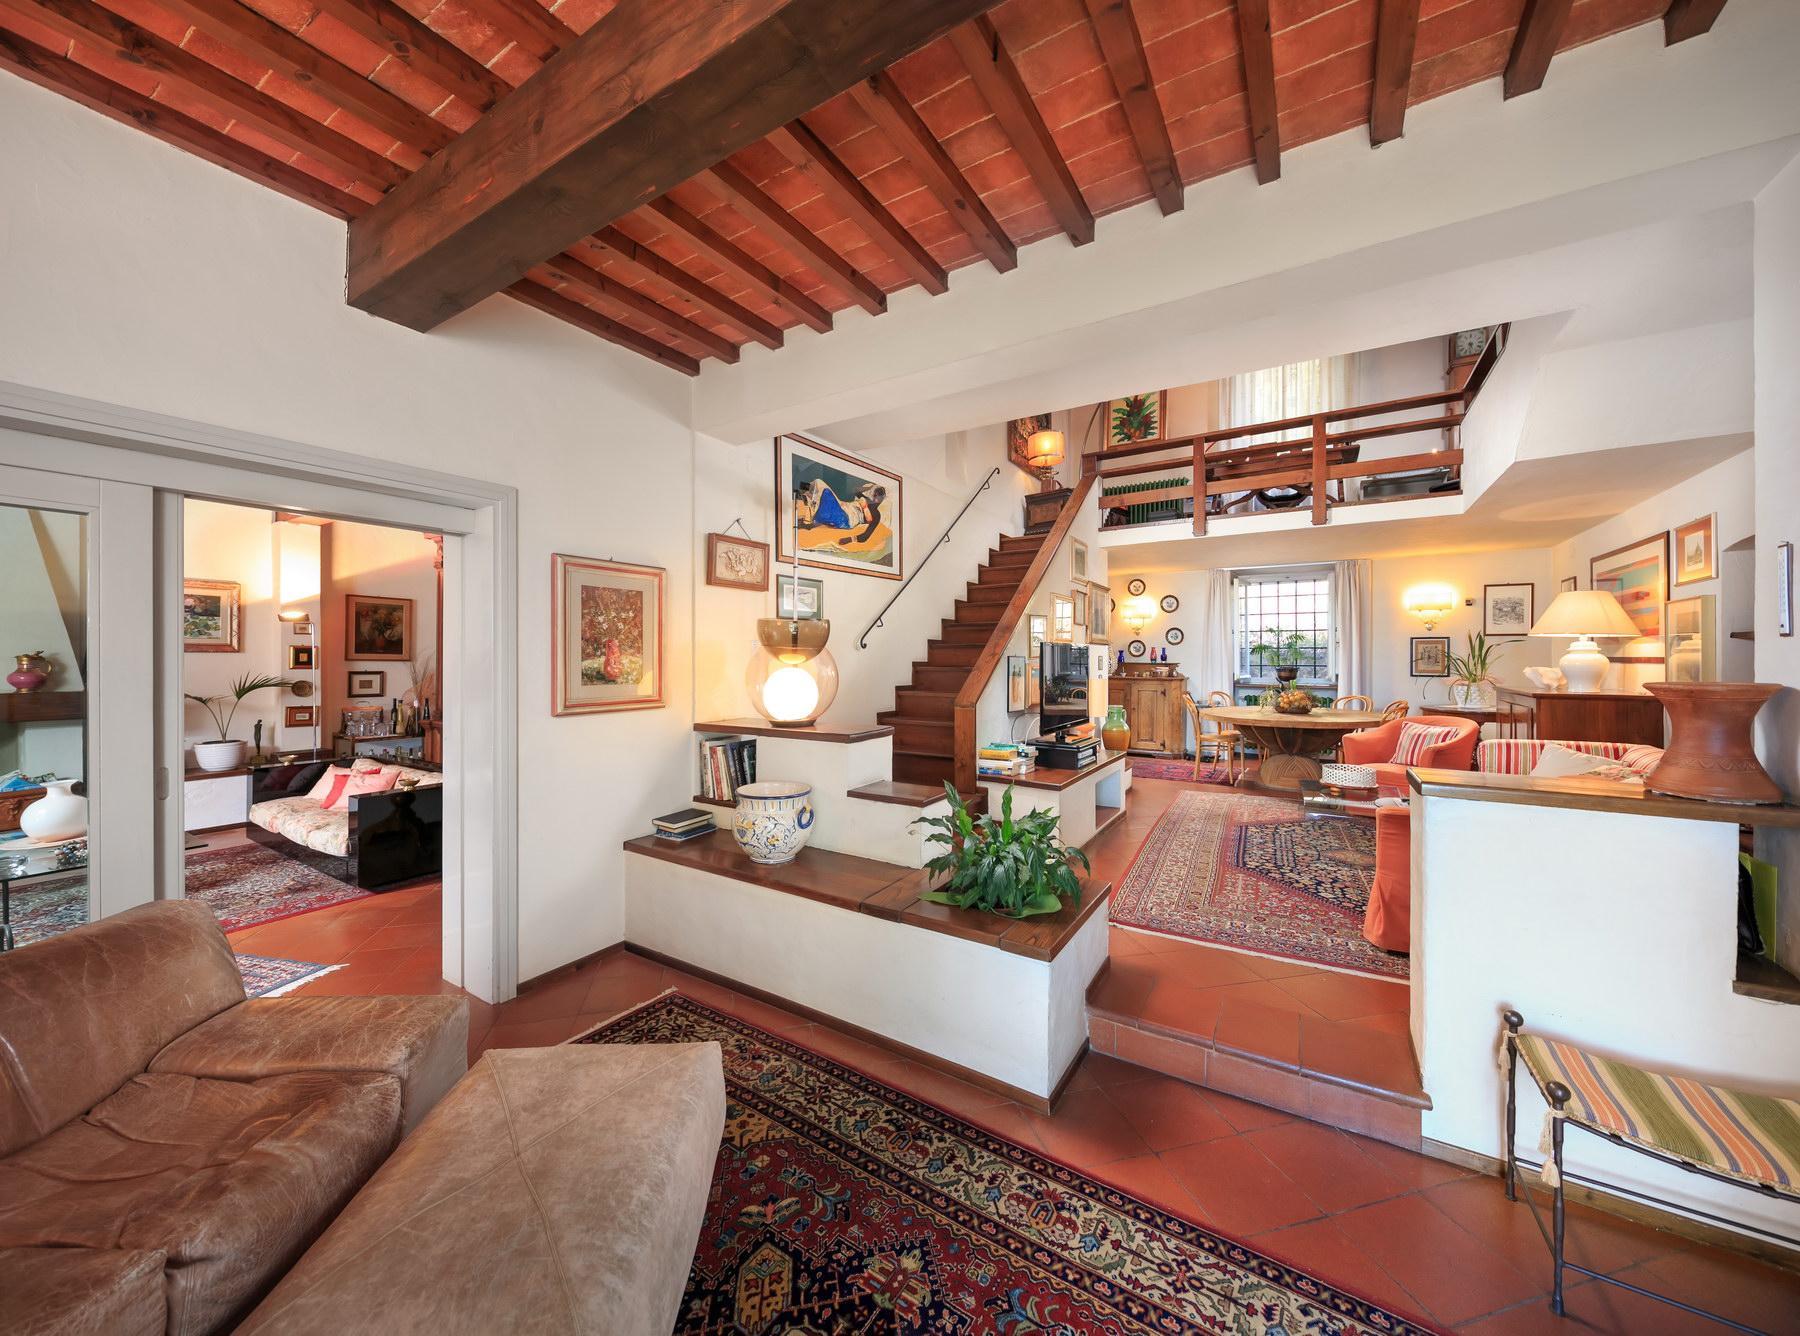 Wunderschönes Bauernhaus auf den toskanischen Hügeln - 10